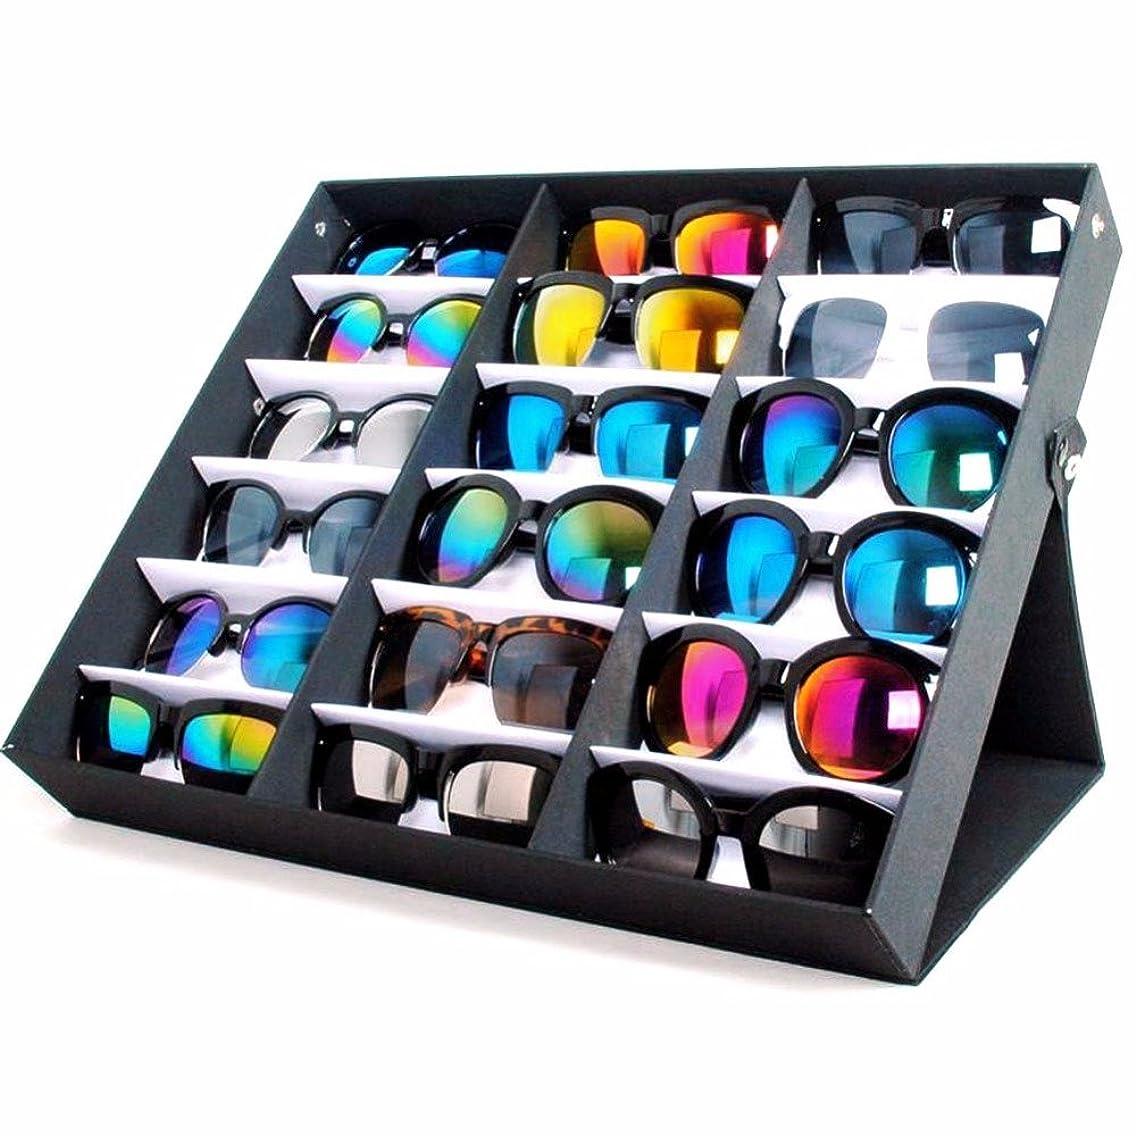 同時等価役立つYumbyss - 18サングラスメガネ小売店展示スタンド収納ボックスケーストレイブラックサングラス?アイウェアを表示トレイケーススタンド